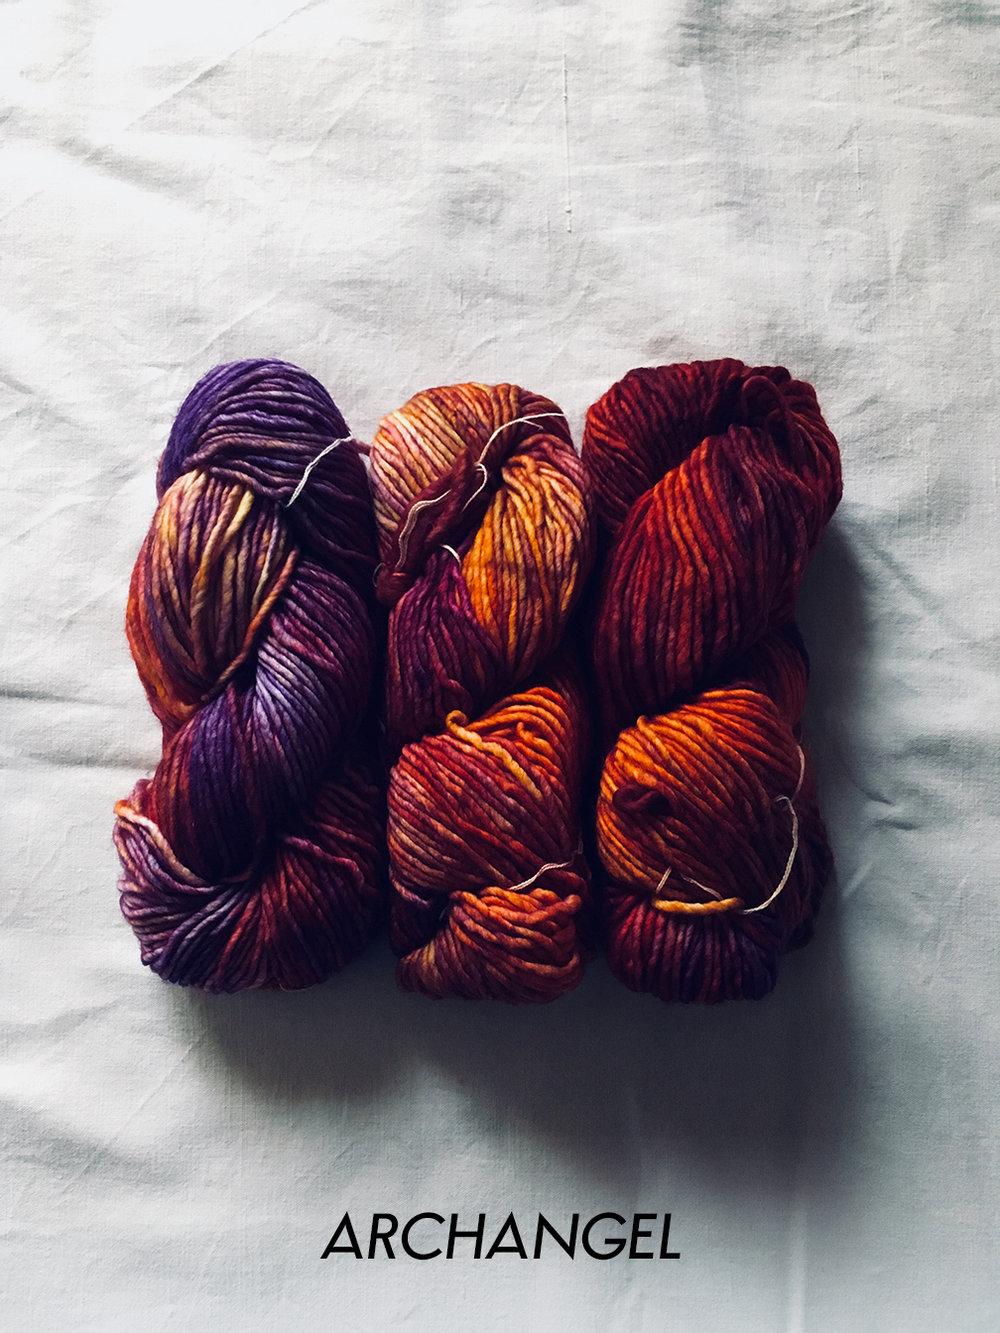 malabrigo_mecha_archangel_850_wool_done_knitting.jpg